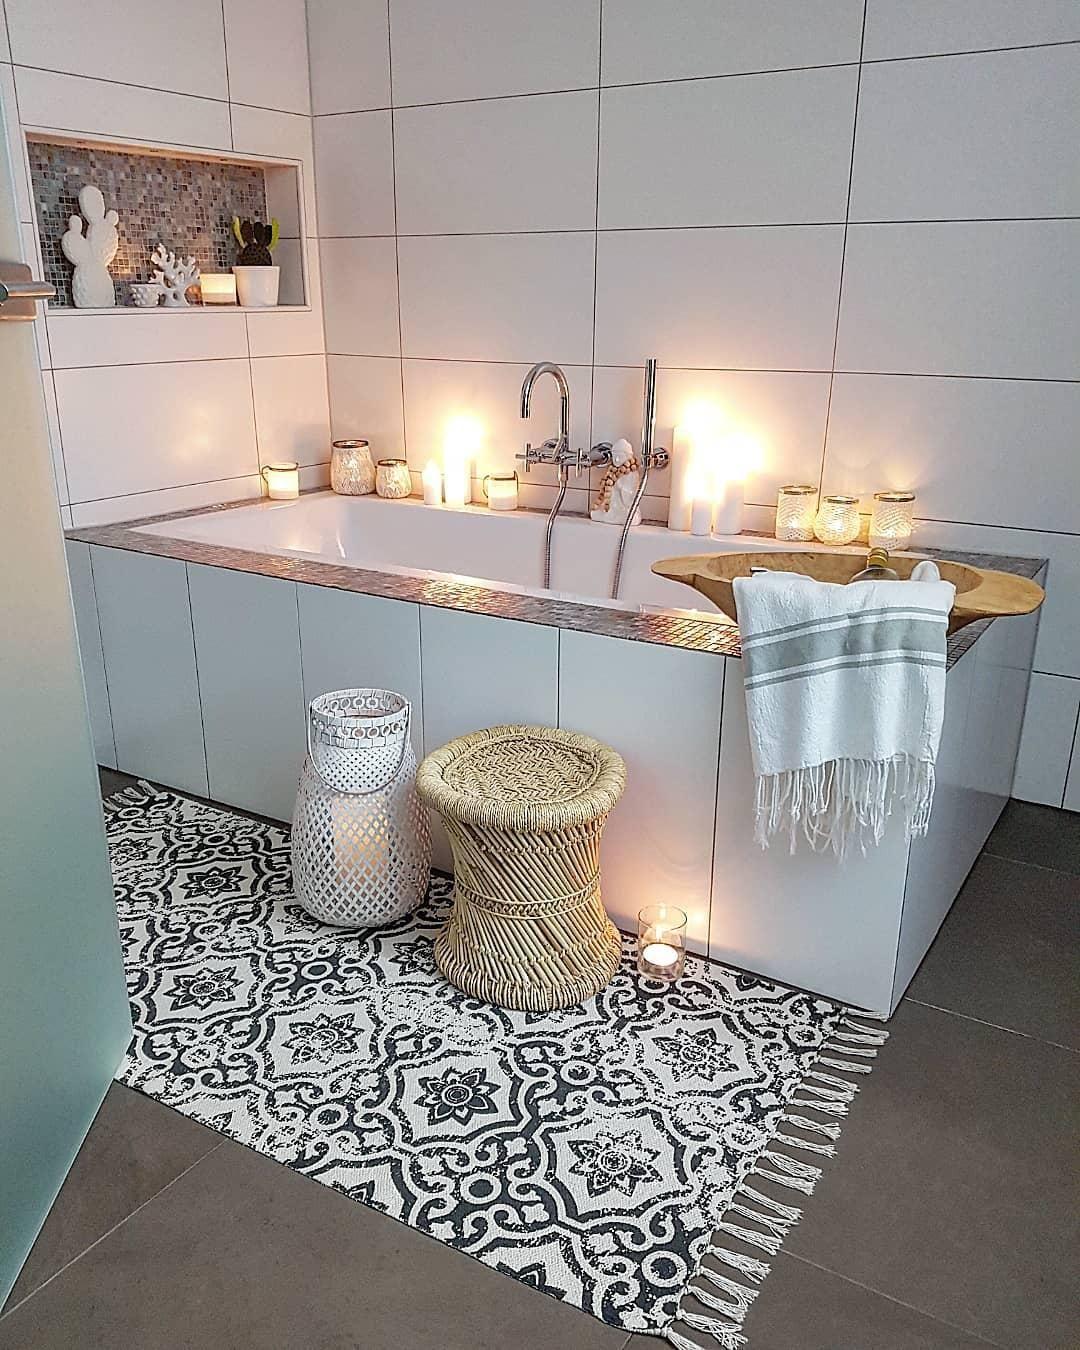 Home Spa Relaxen Im Eigenen Bad In Einem Behaglichen Wohlfuhlbadezimmer Lasst Es Sich Wunderba Wohnung Badezimmer Dekoration Badewanne Ideen Badezimmerideen